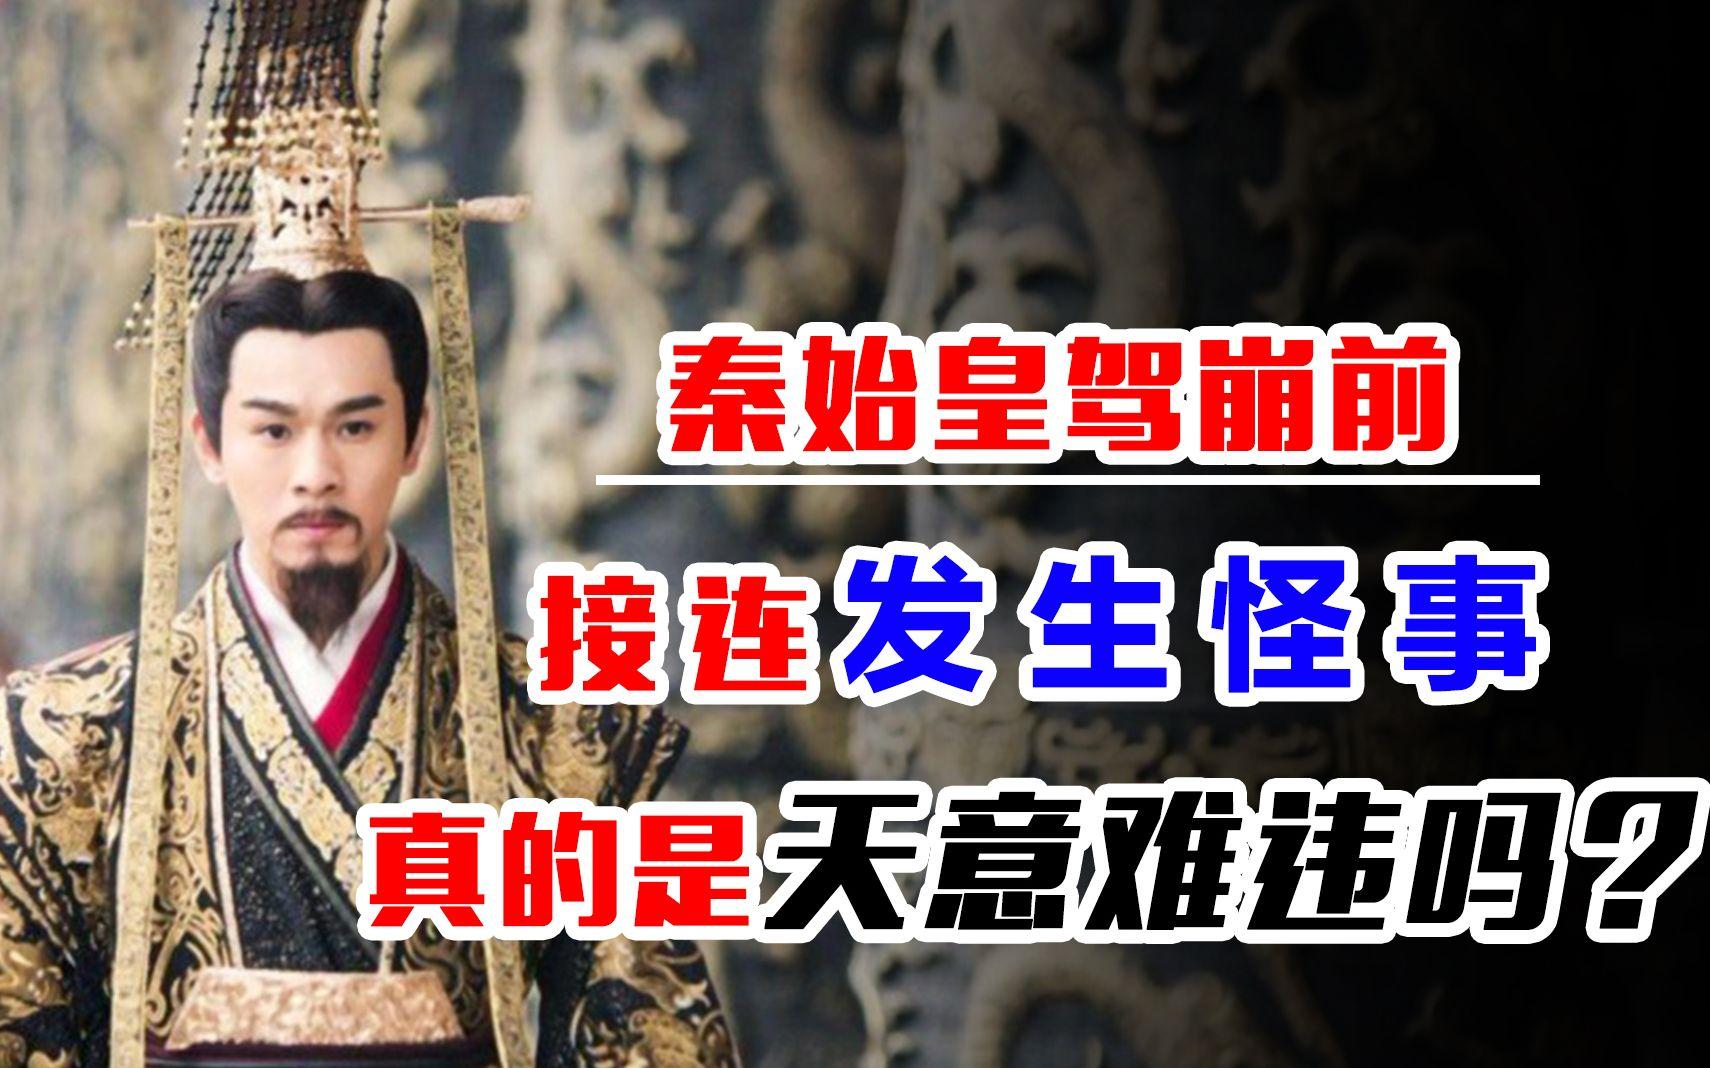 秦始皇驾崩前,接连发生怪事,真的是天意难违吗?